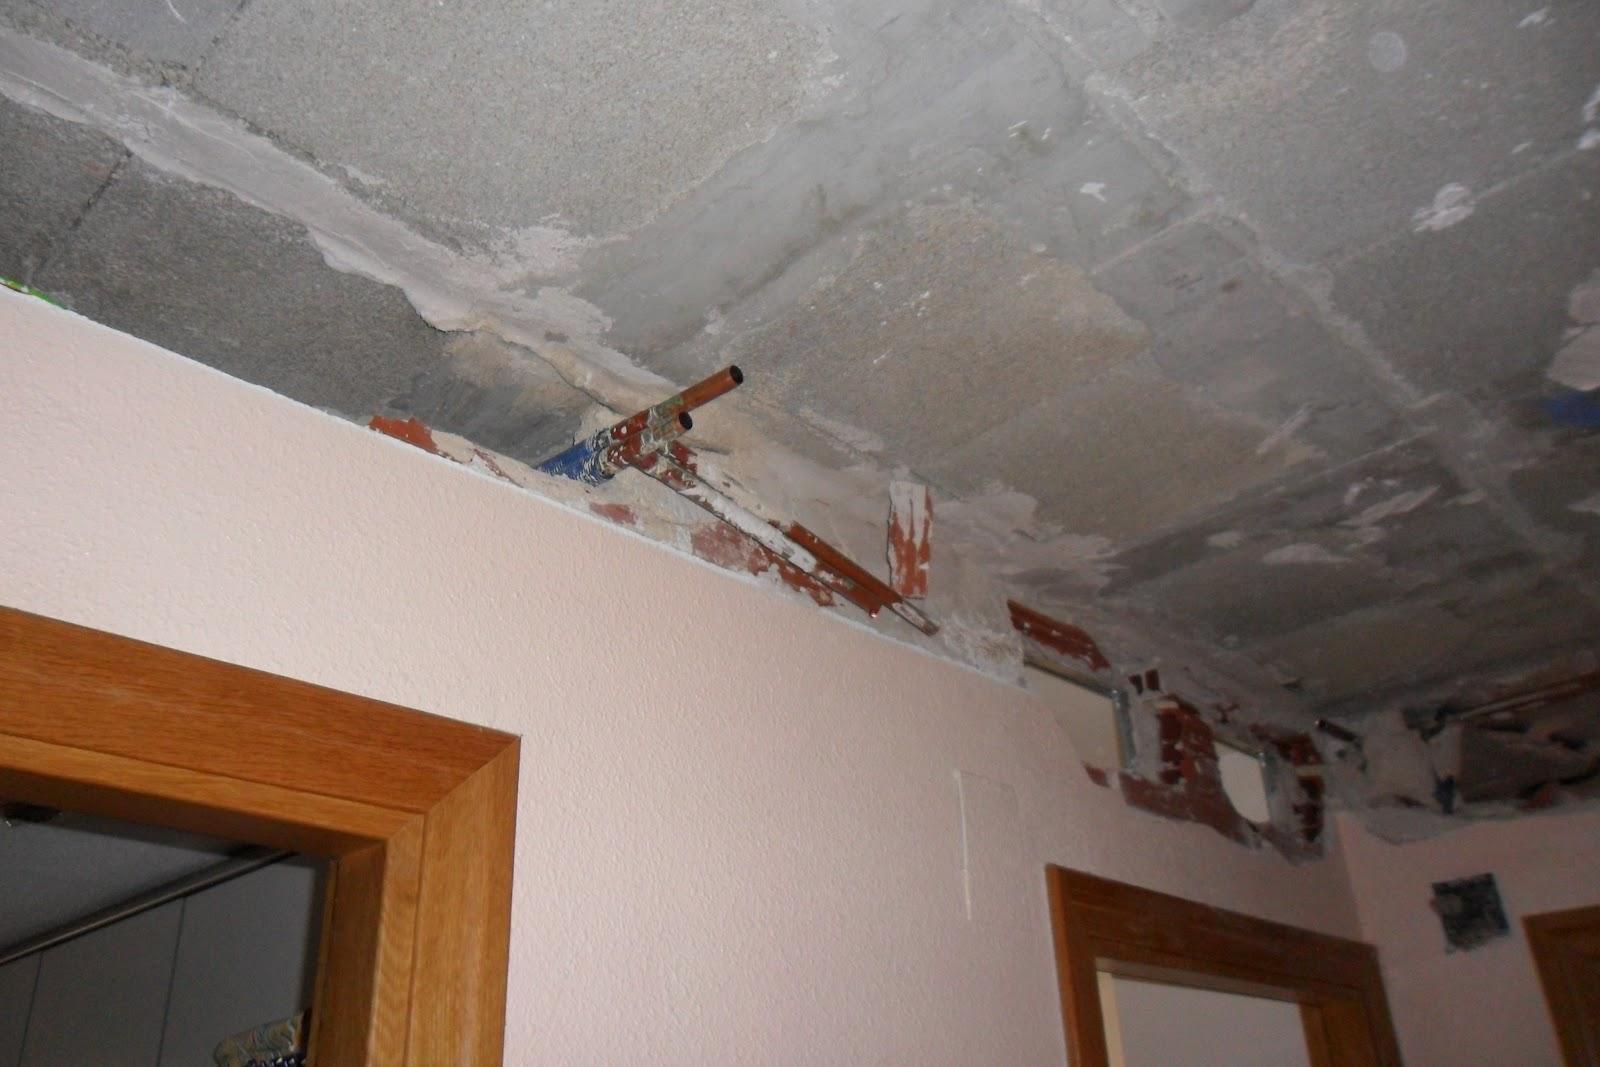 Alicantina de instalaciones m s fotos de orificios de - Falsos techos para banos ...